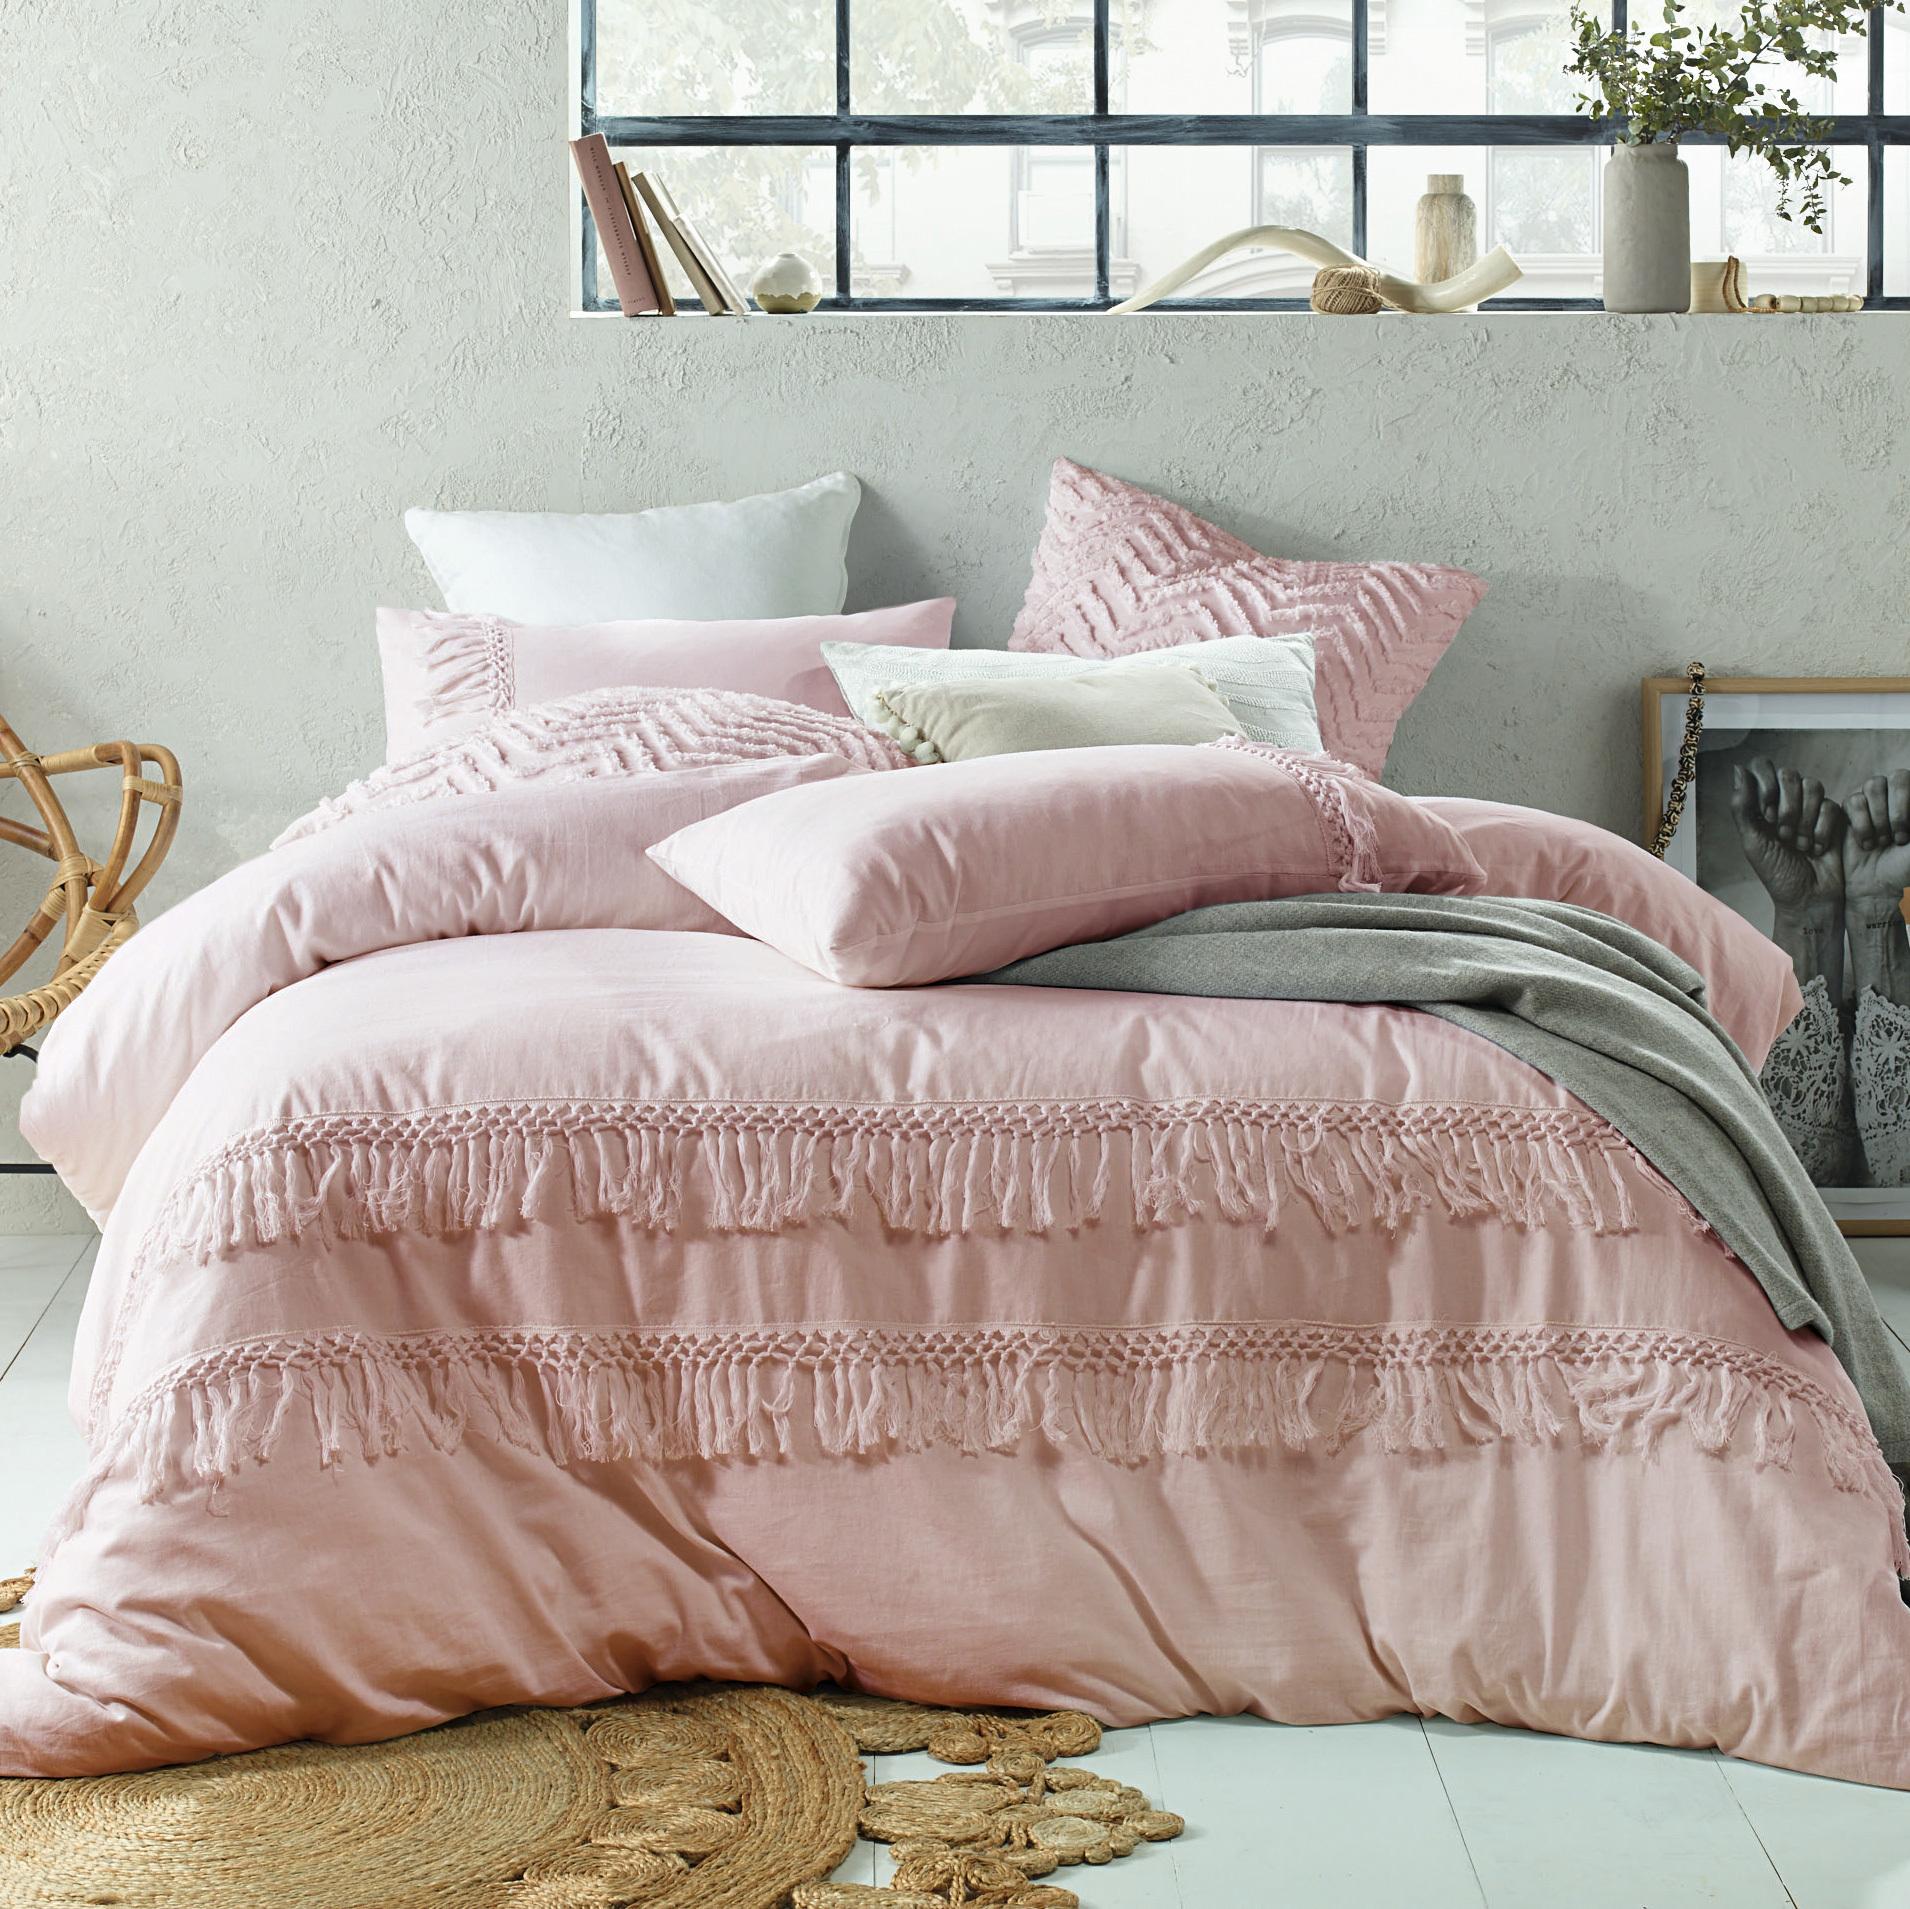 product cotton hayneedle cfm stone emilia quilt cottage master set